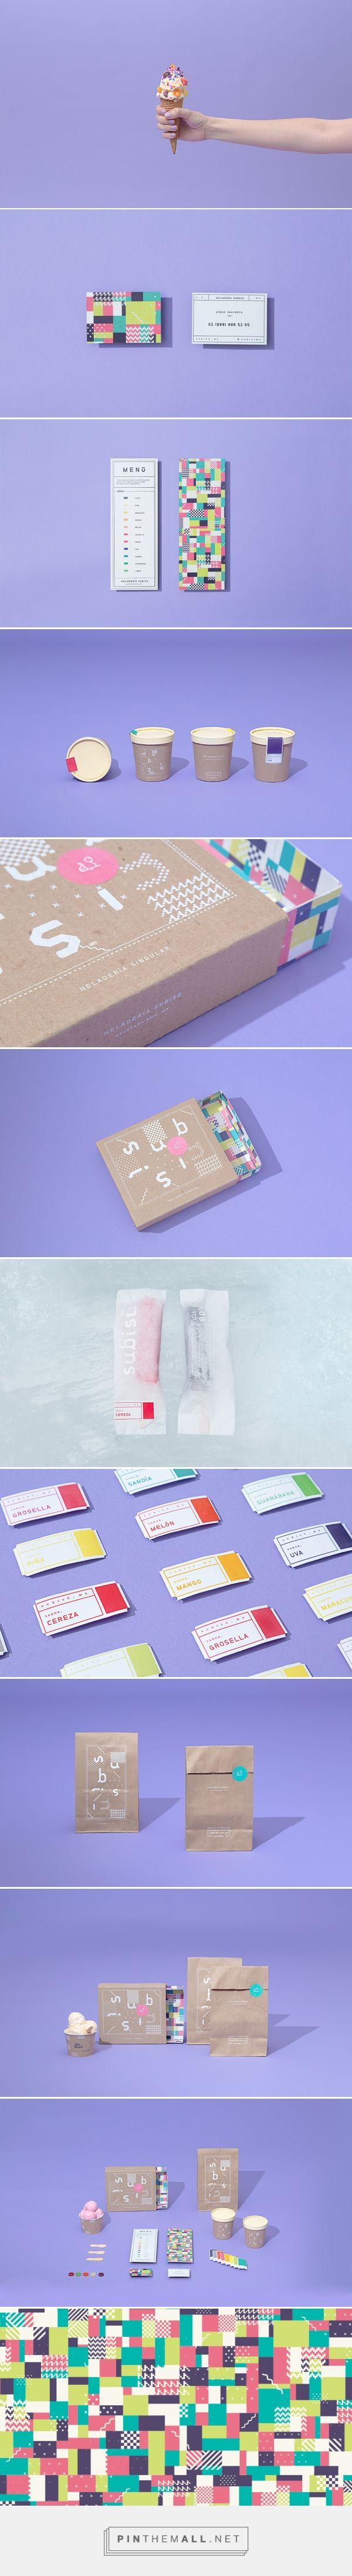 Subisú ice cream brand by Futura